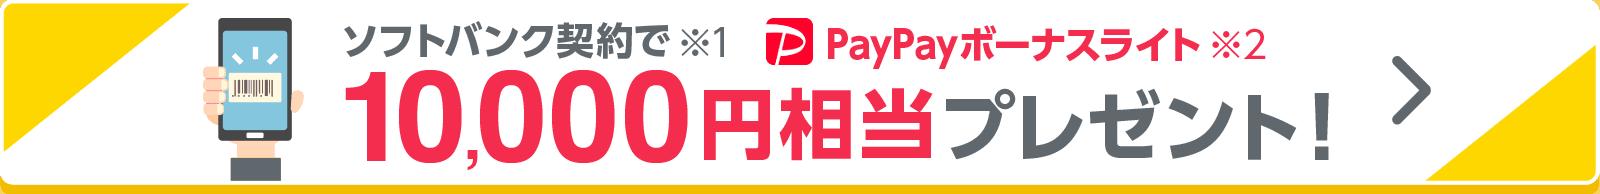 ソフトバンク契約で※1 PayPayボーナスライト※2 10,000円相当プレゼント!